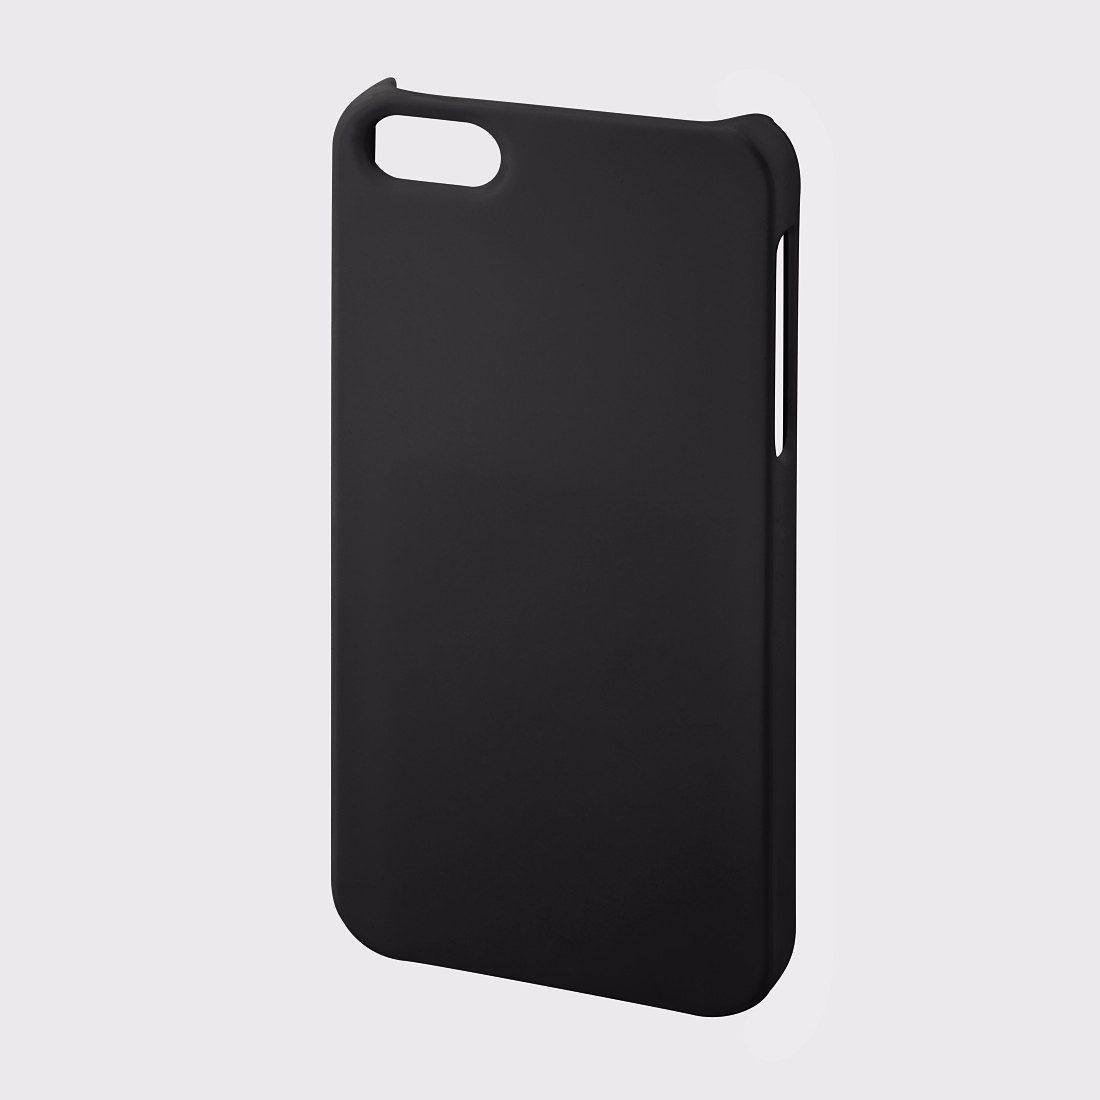 Hama Cover Touch für Apple iPhone 5/5s/SE, Schwarz